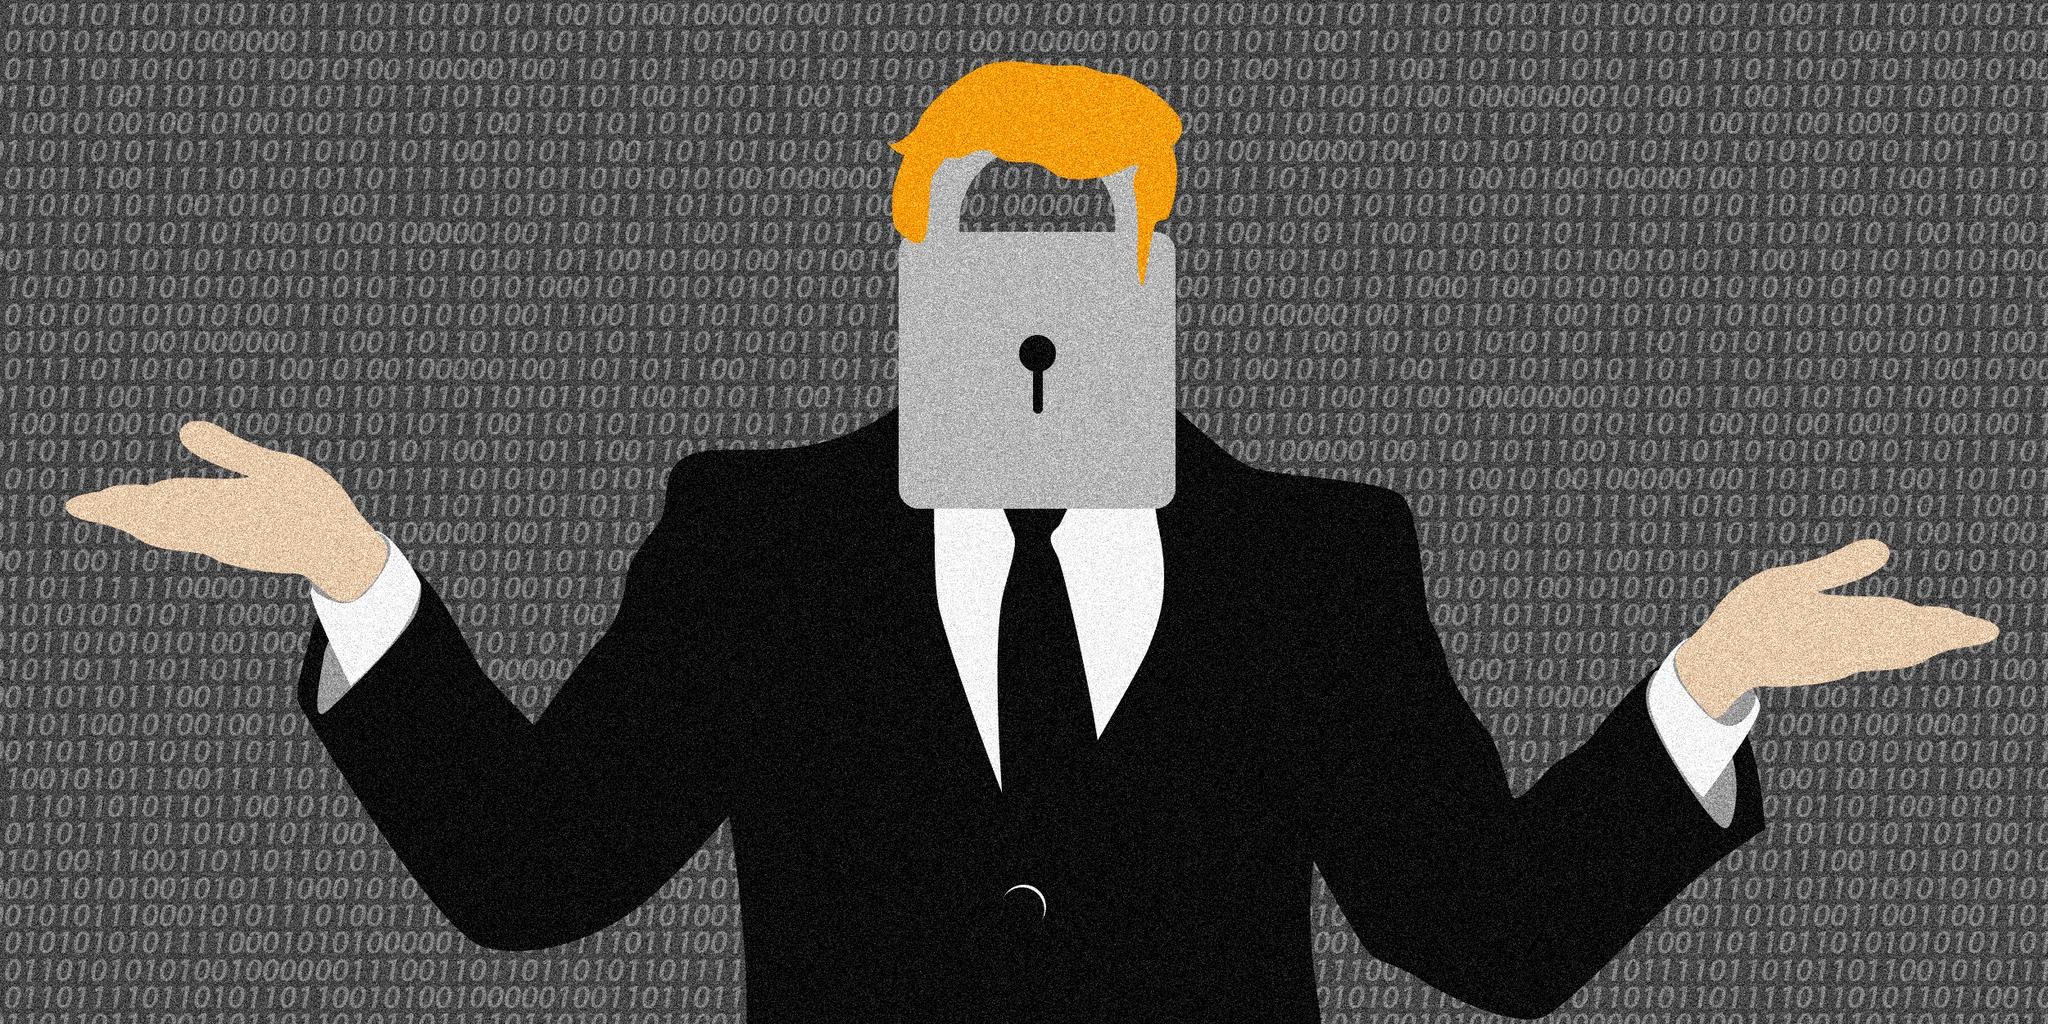 Caricatura de hombre de cabello rubio, con traje, y con un candado en el lugar de la cara.